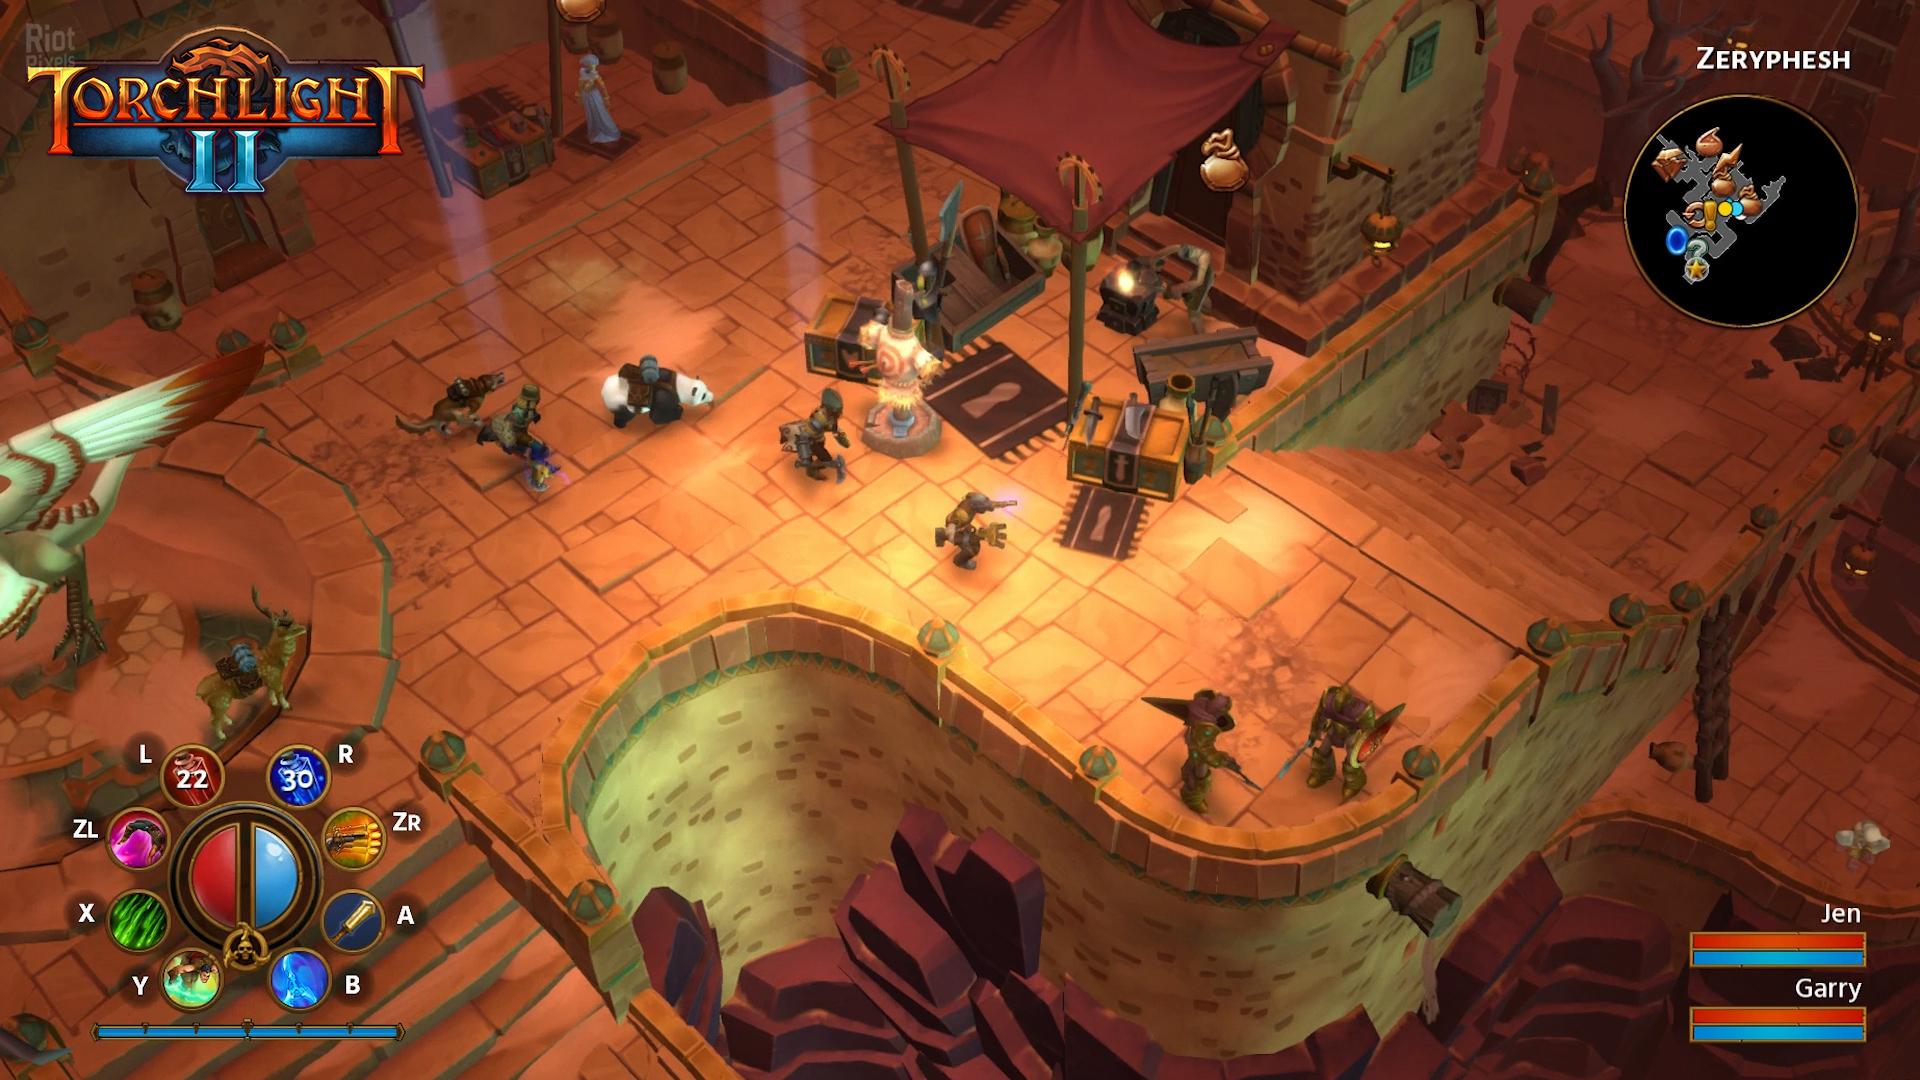 Torchlight 2 - скриншоты из игры на Riot Pixels, картинки